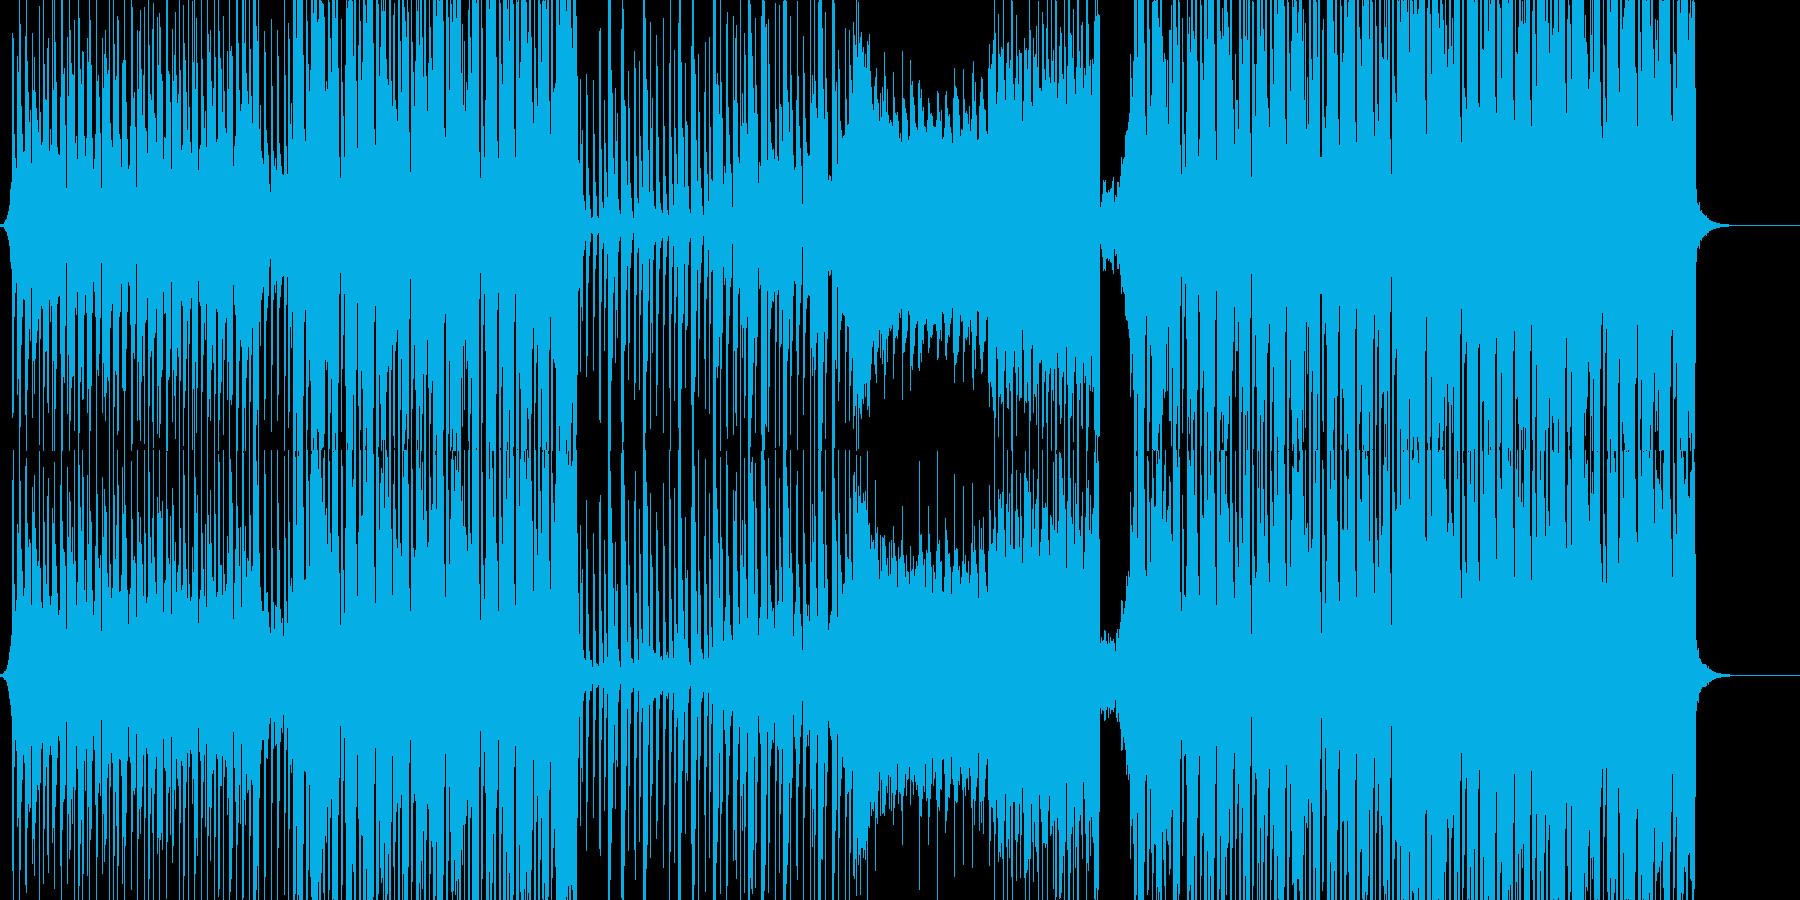 エモいEDM/FutureBass/洋楽の再生済みの波形